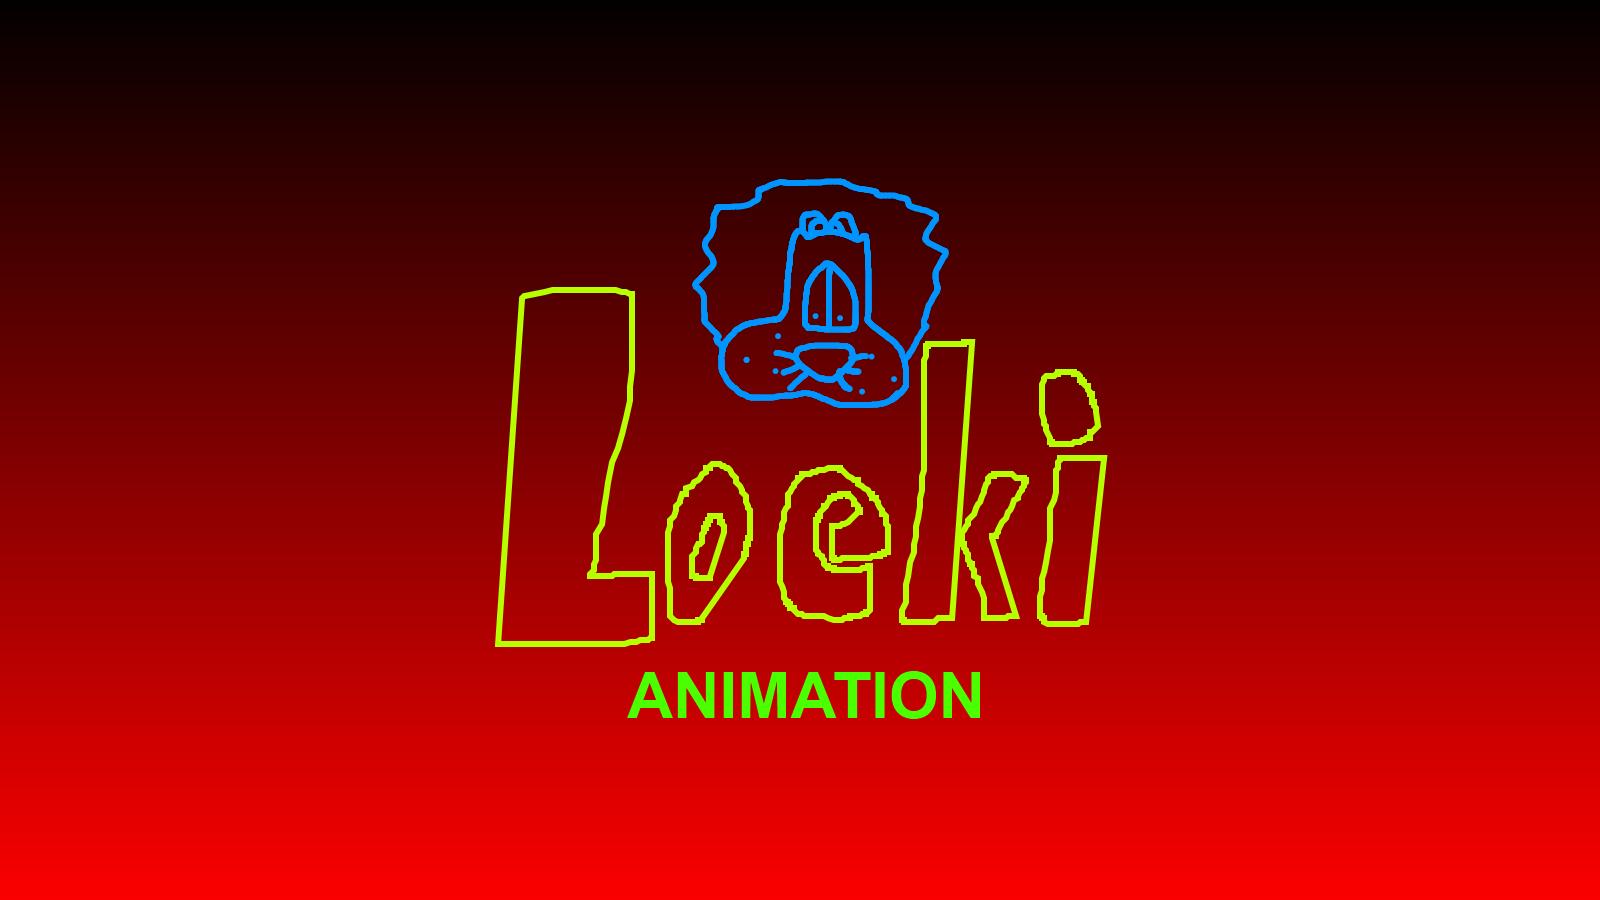 Loeki Animation